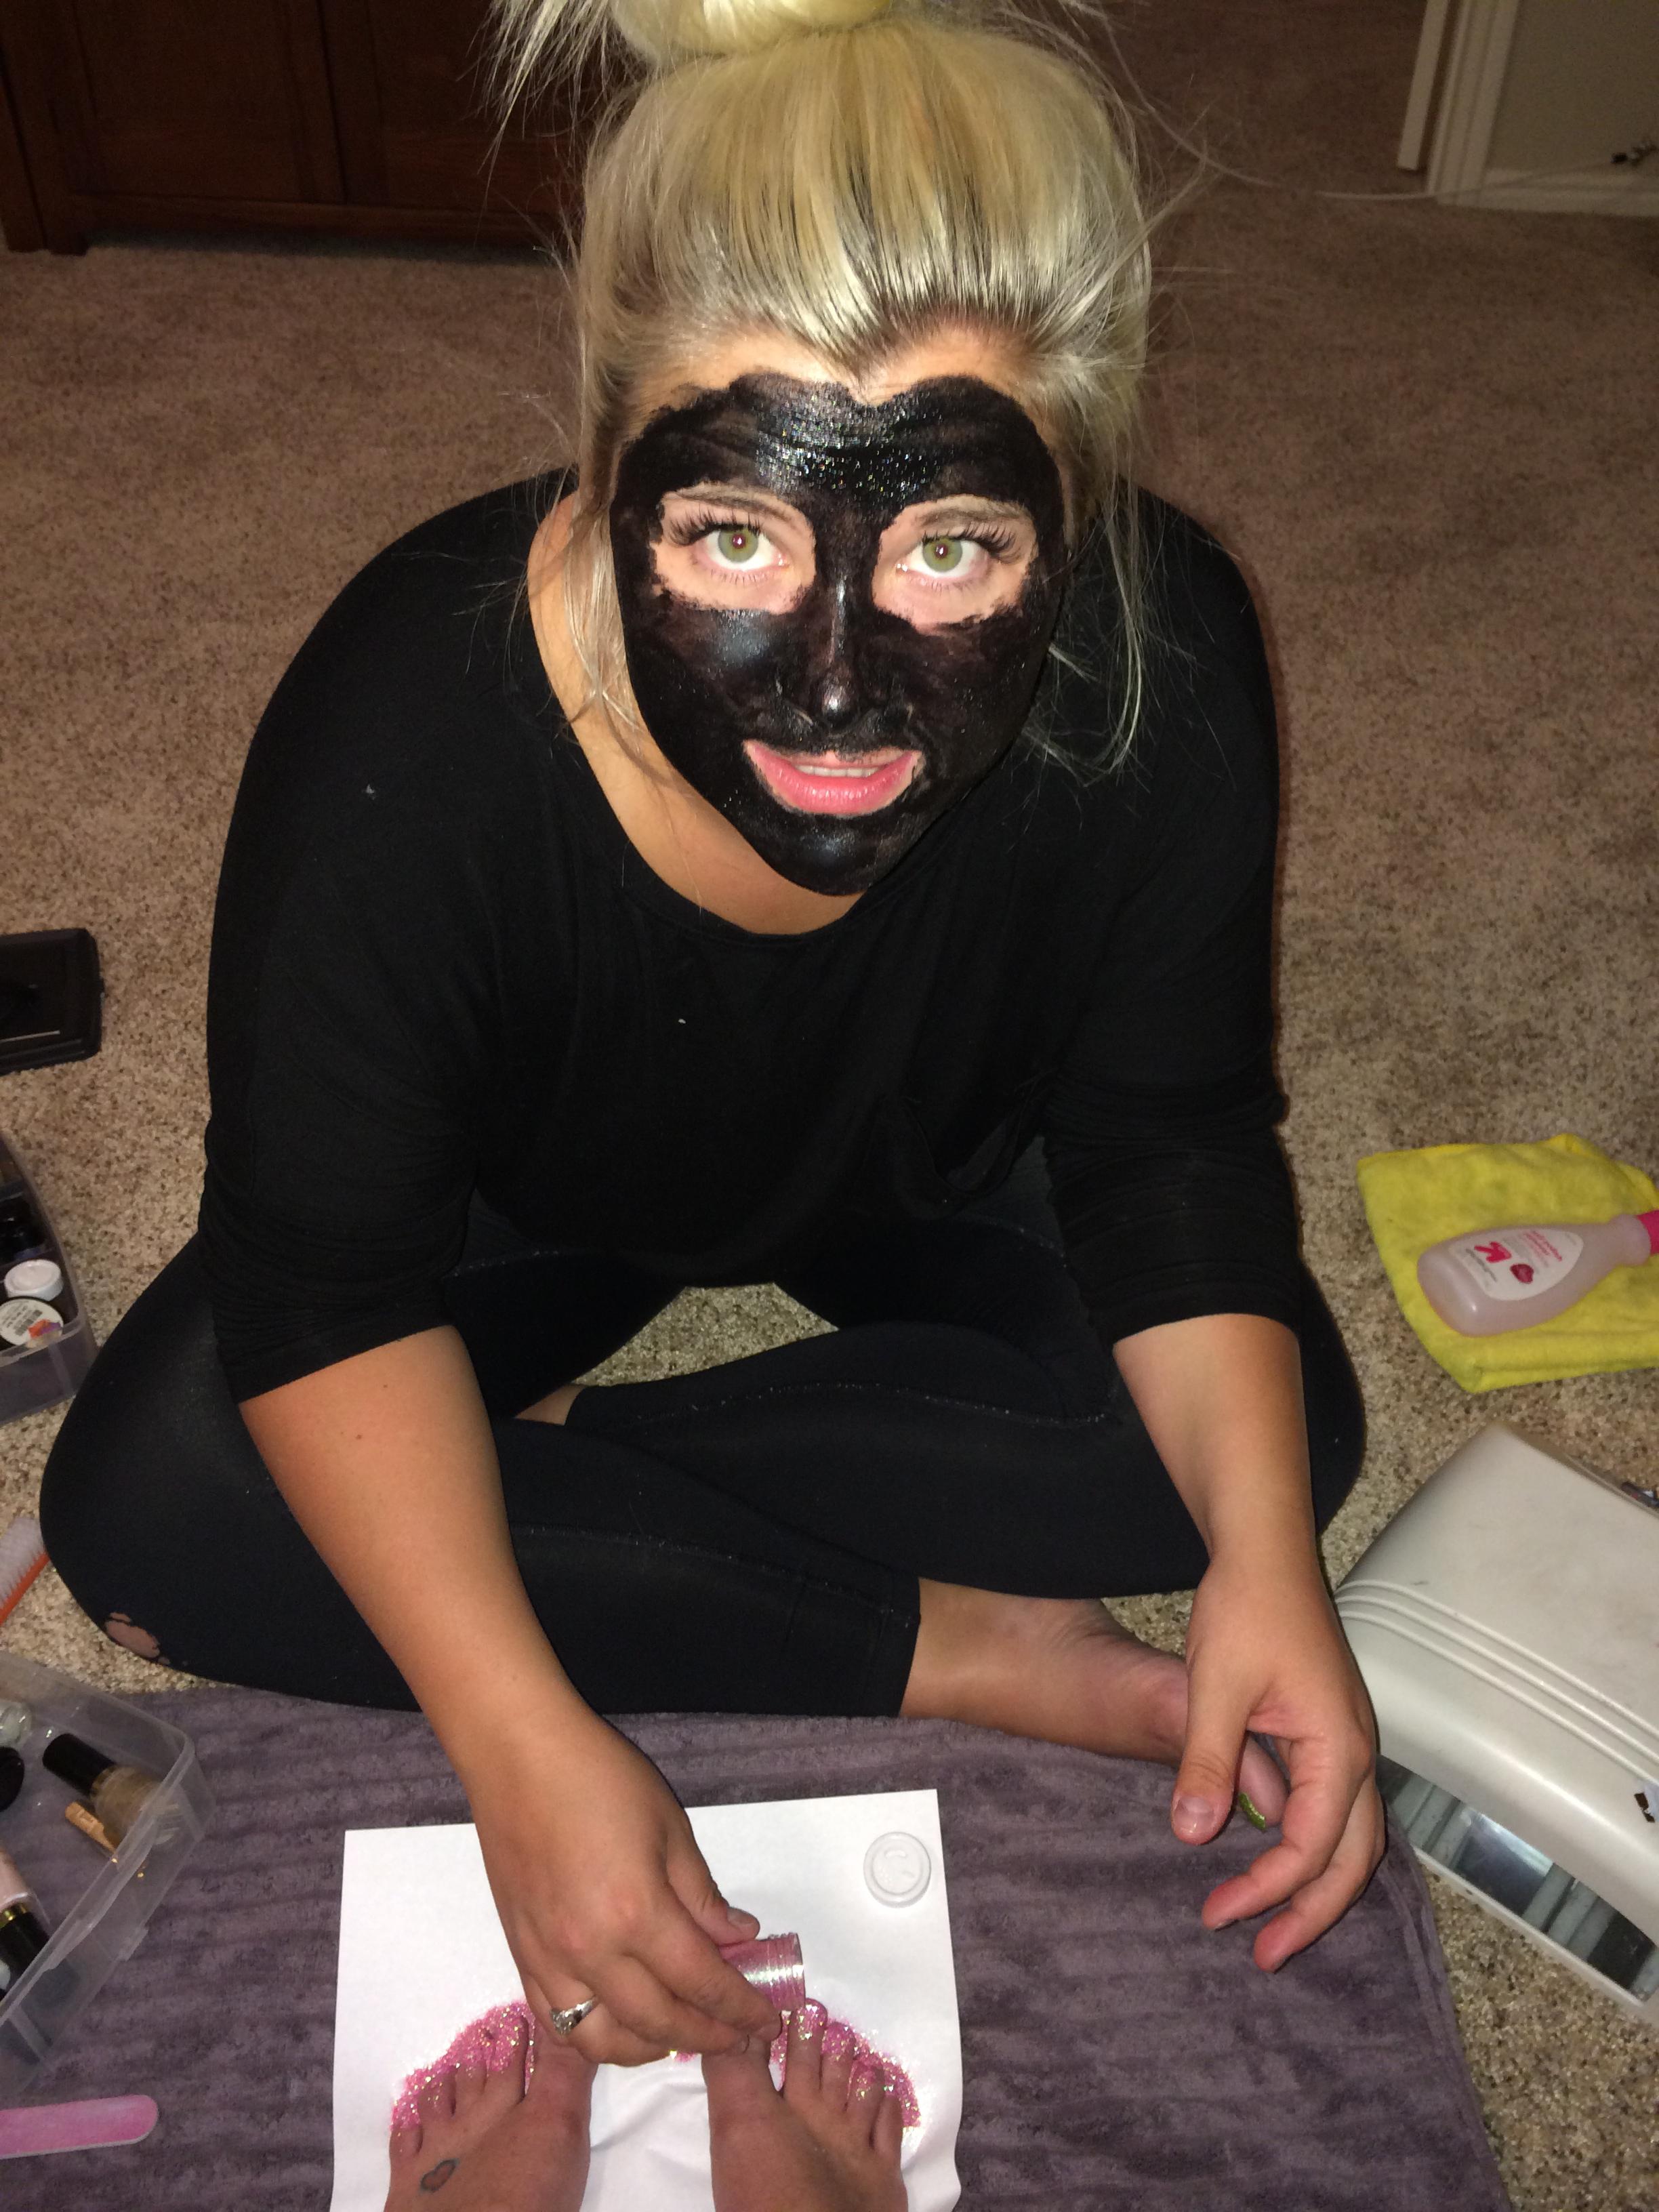 Boscia face mask July 21, 2014 876